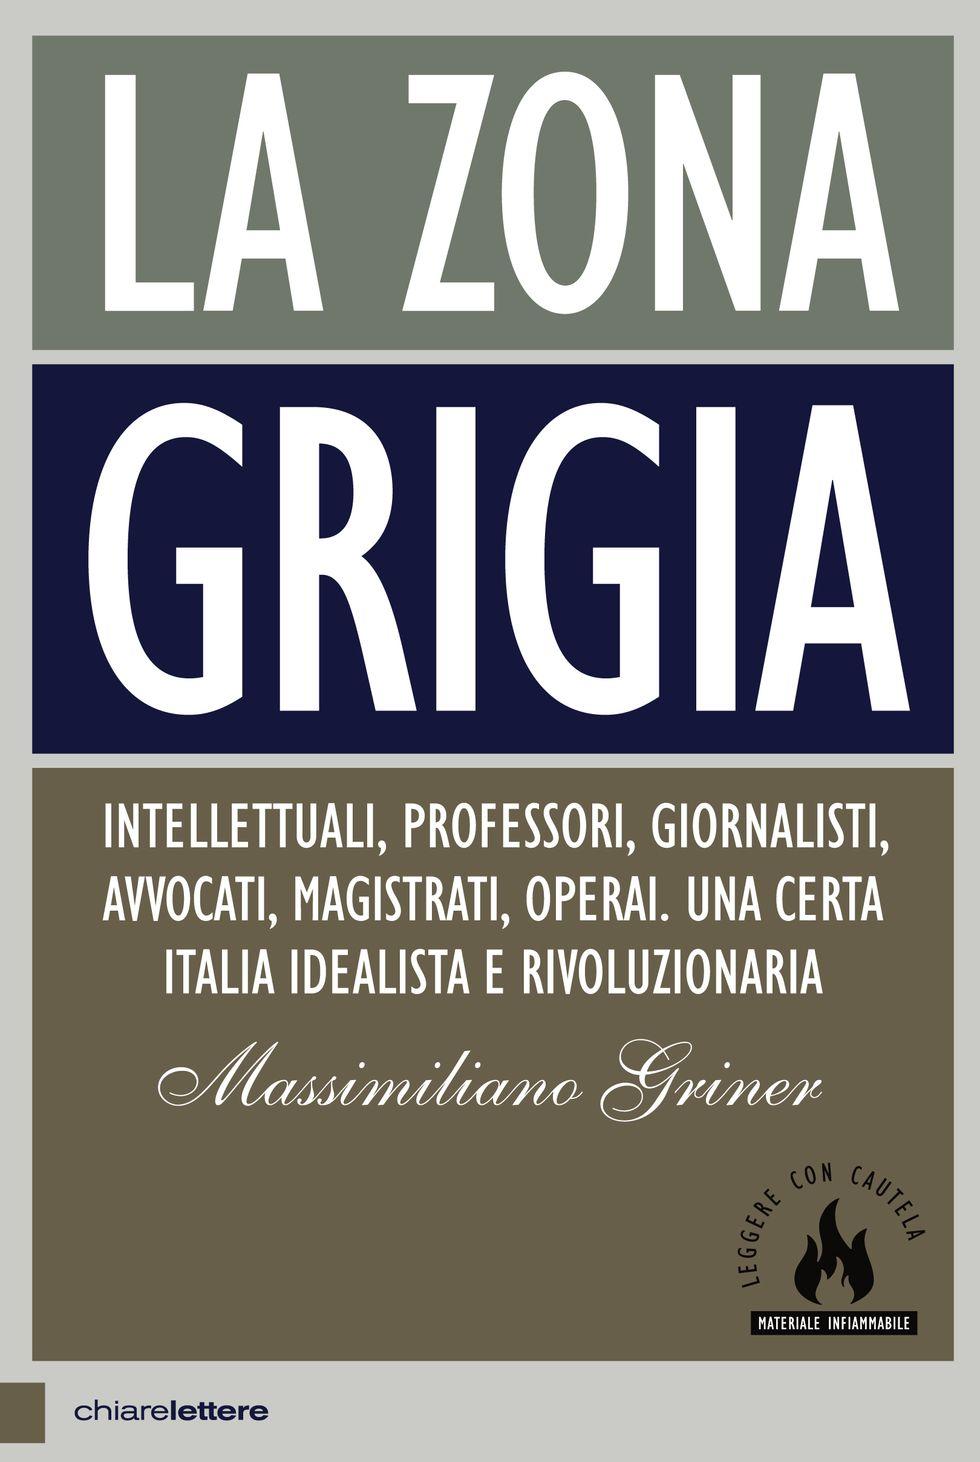 Terrorismo rosso: un libro cerca di fare luce sulla «zona grigia»